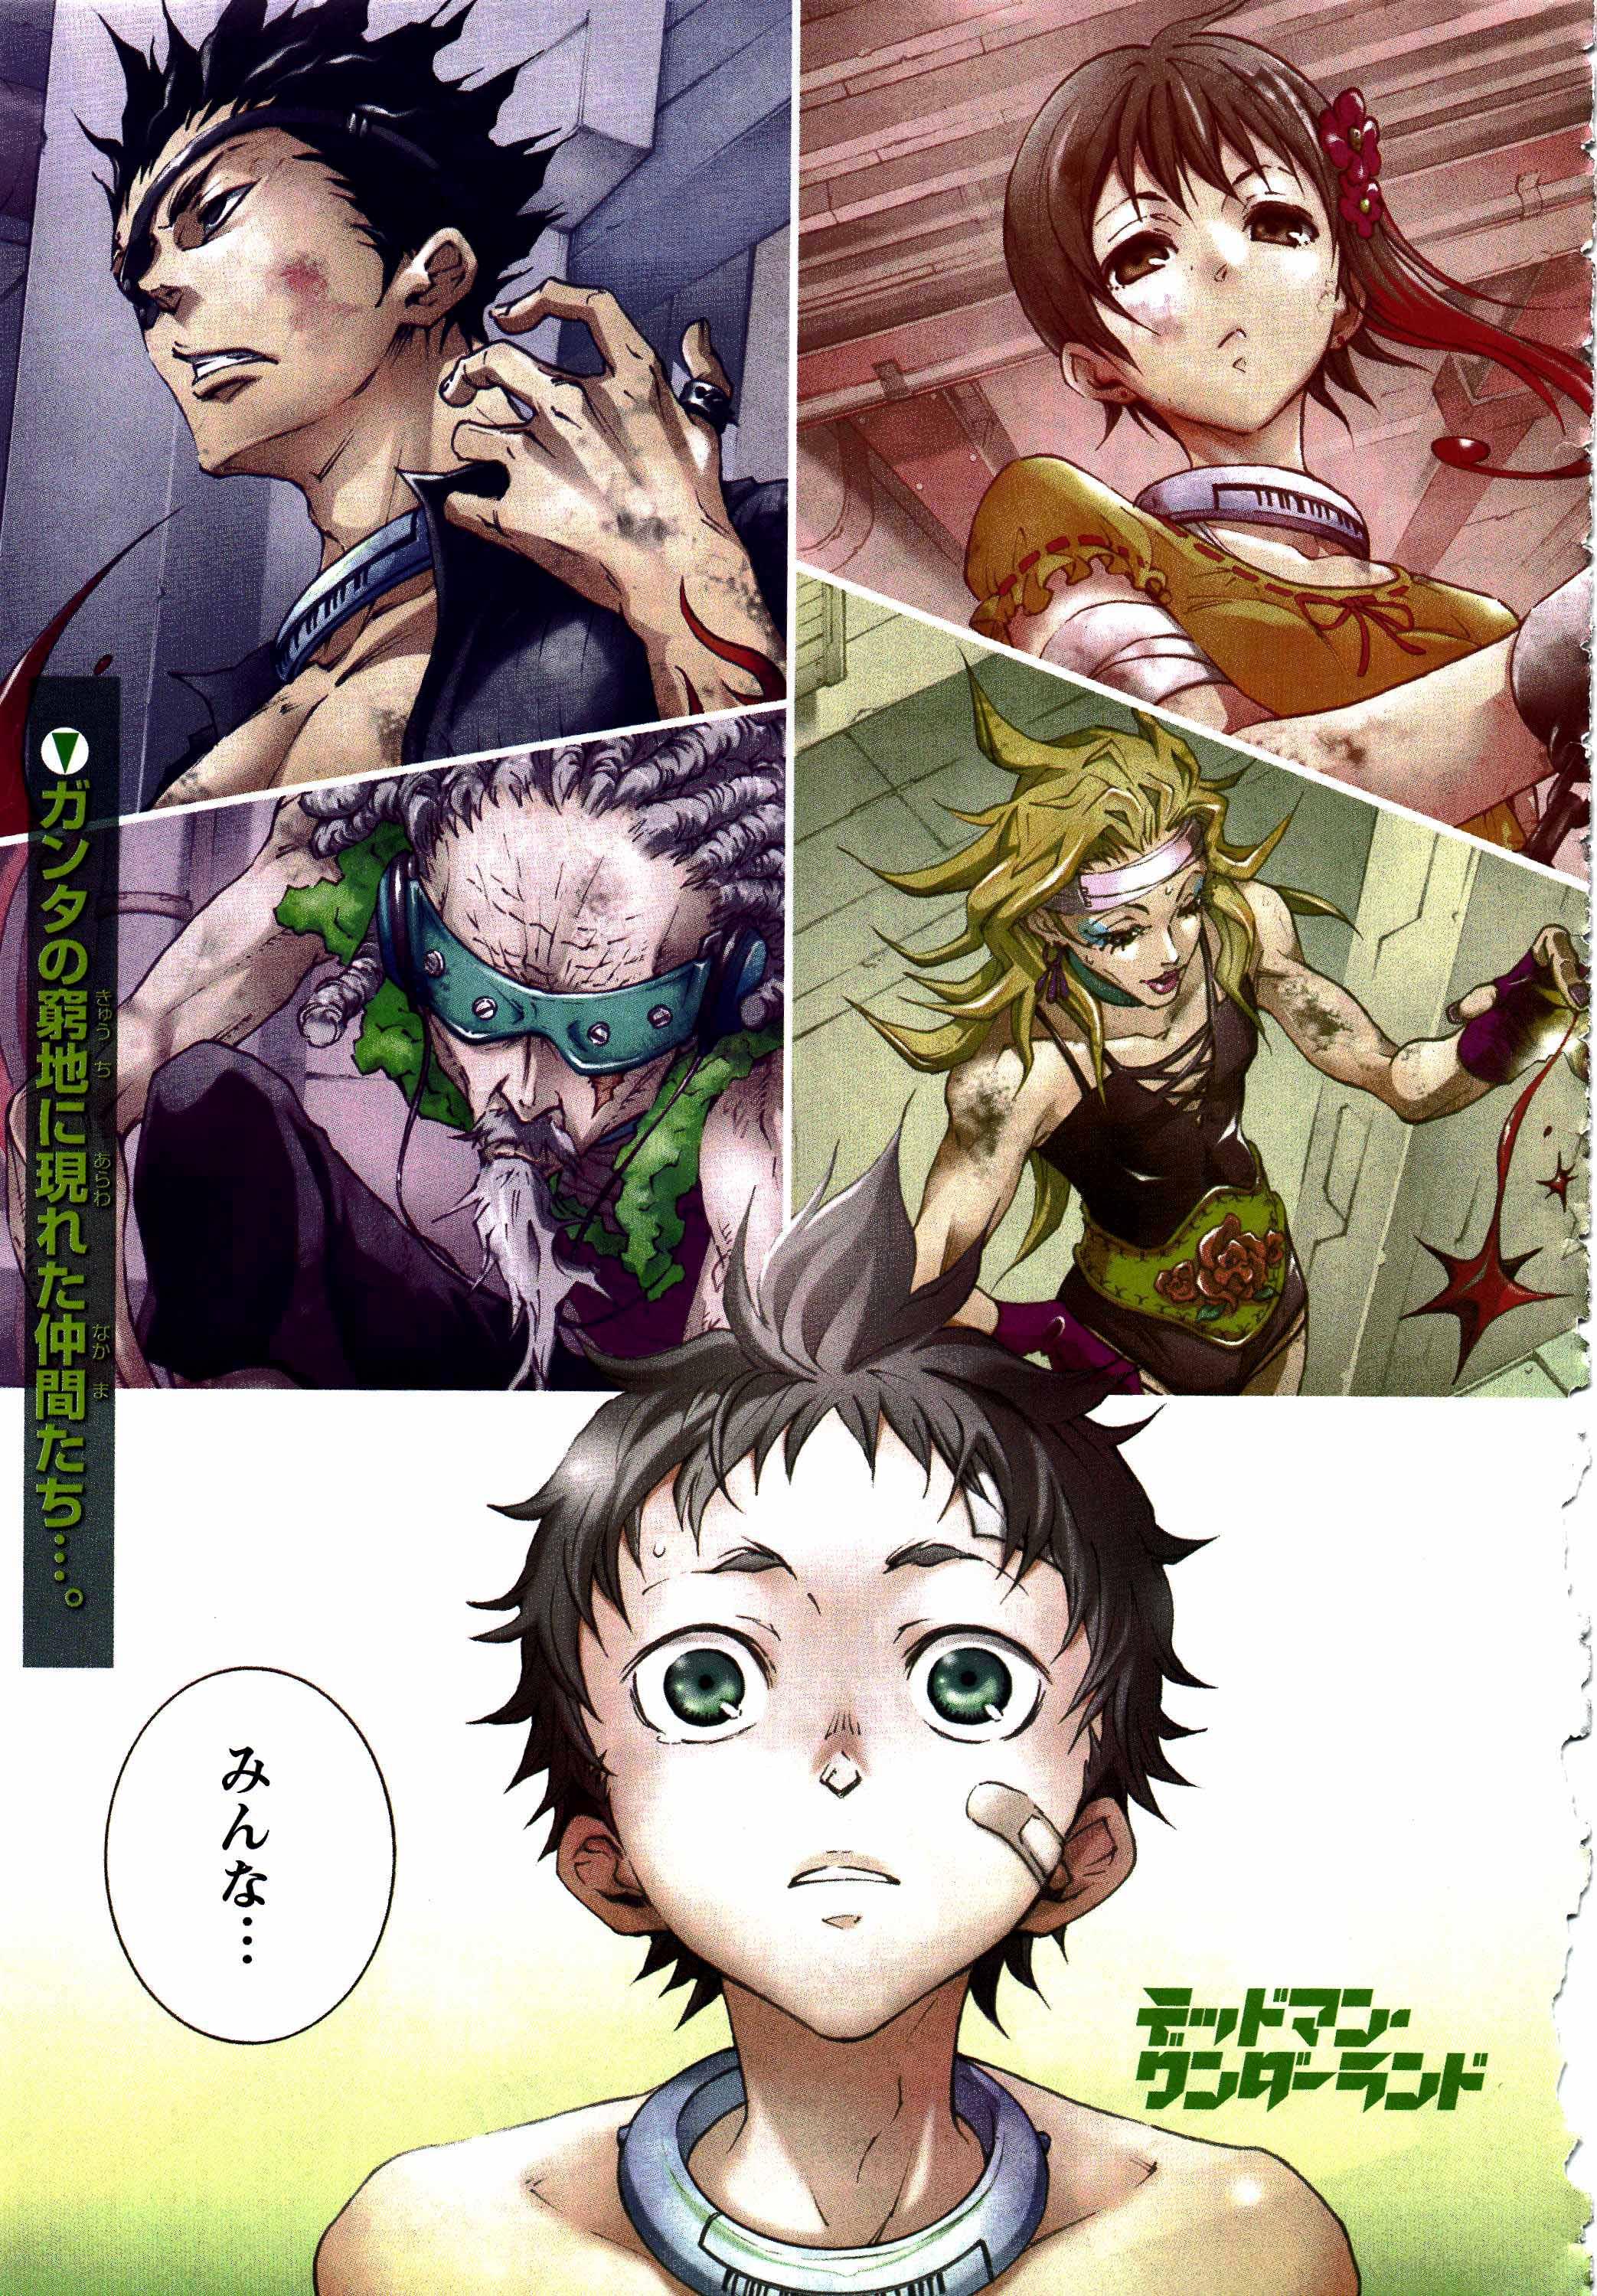 Branch of Sin - Deadman Wonderland - Zerochan Anime Image Board